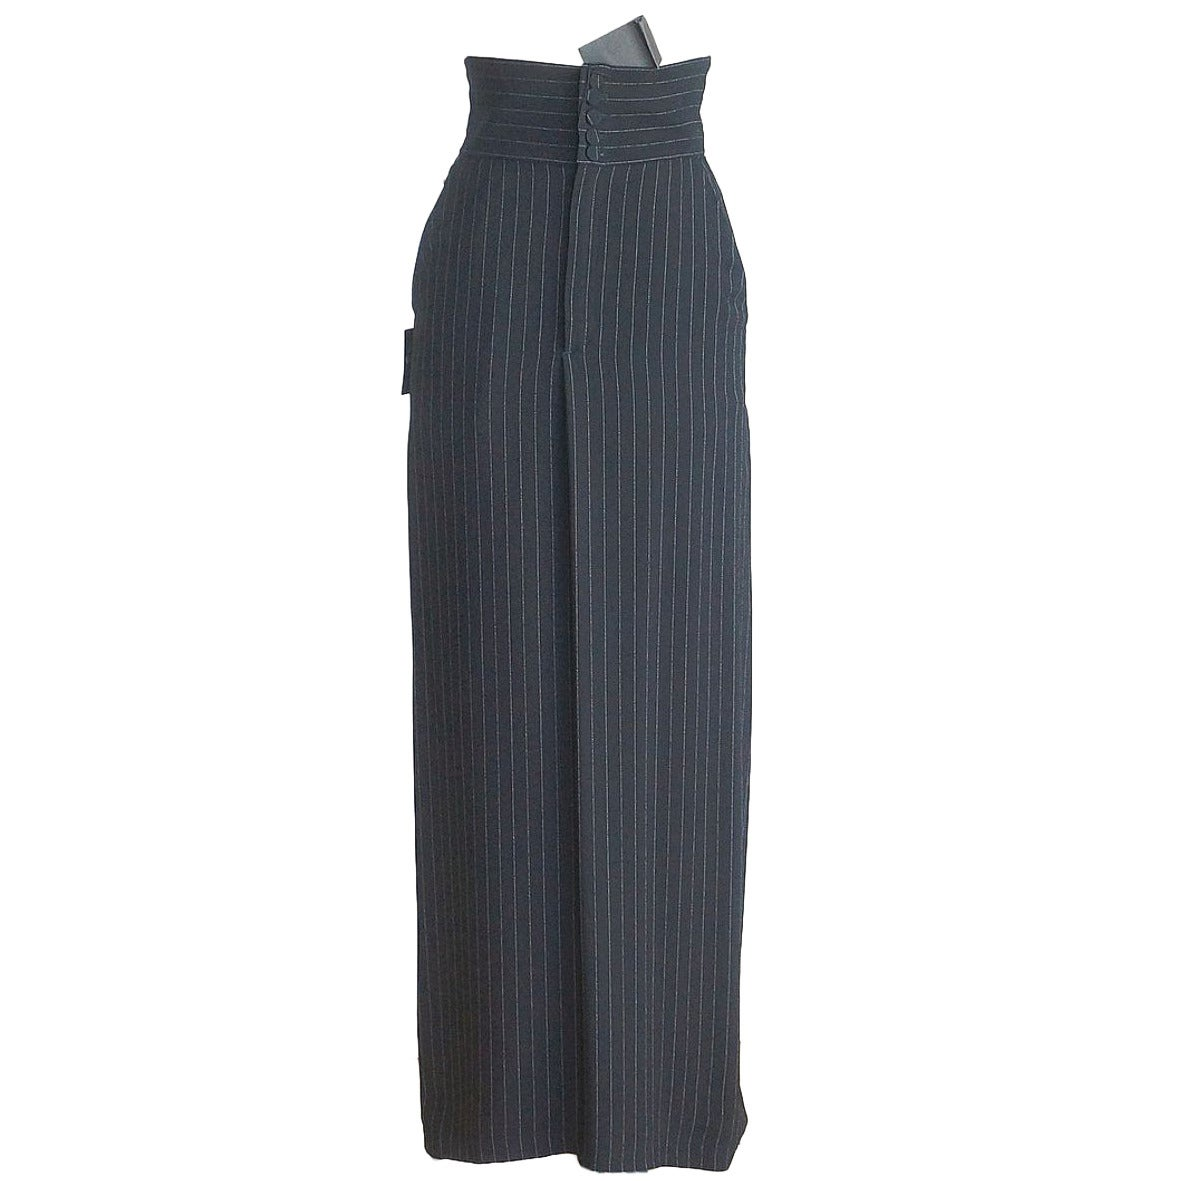 Jean Paul Gaultier Skirt Vintage Menswear Influenced Pinstripe Rear Dtl 40 6 nw